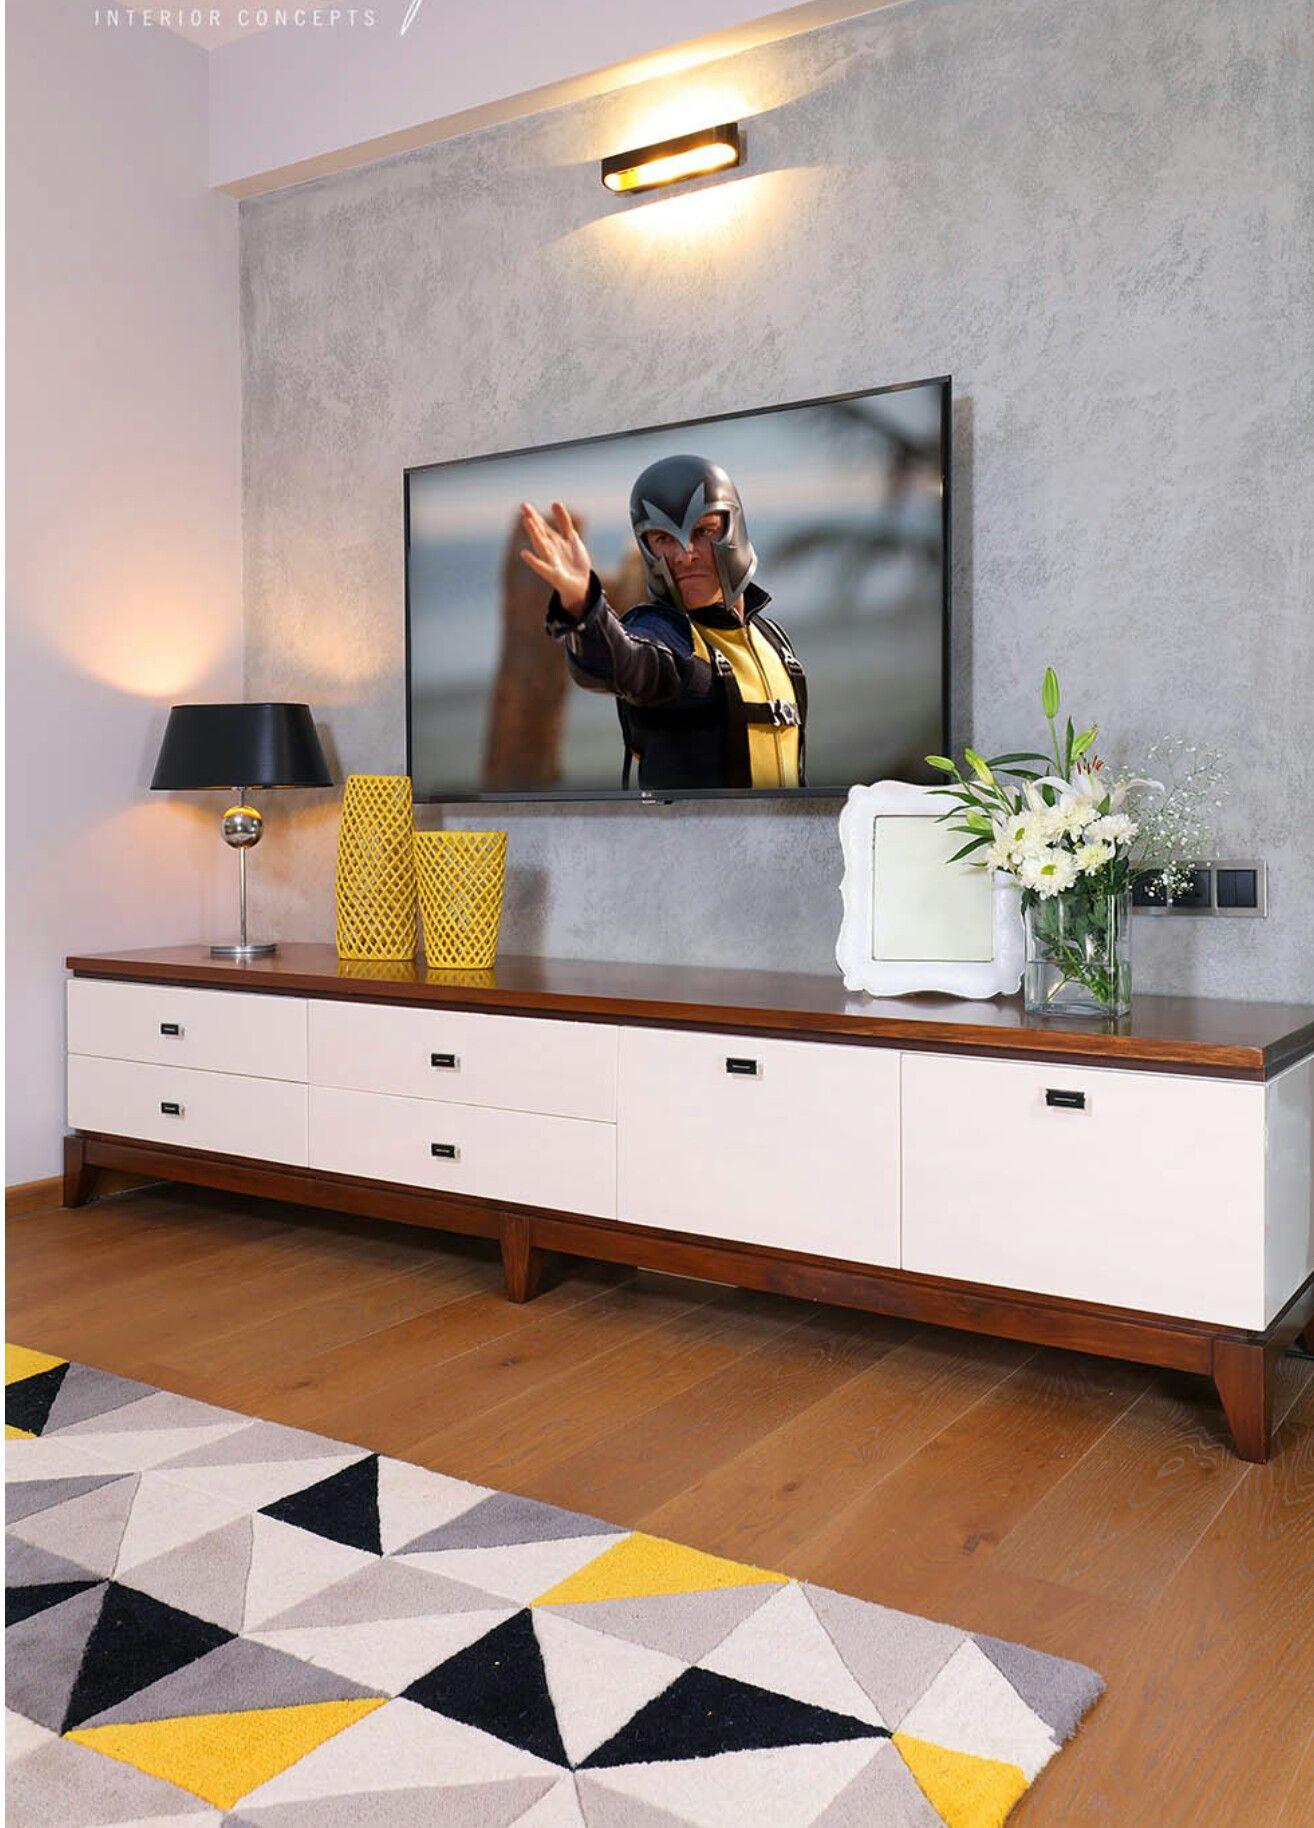 Pin by kalie shepard on tv wall mount models pinterest tv wall